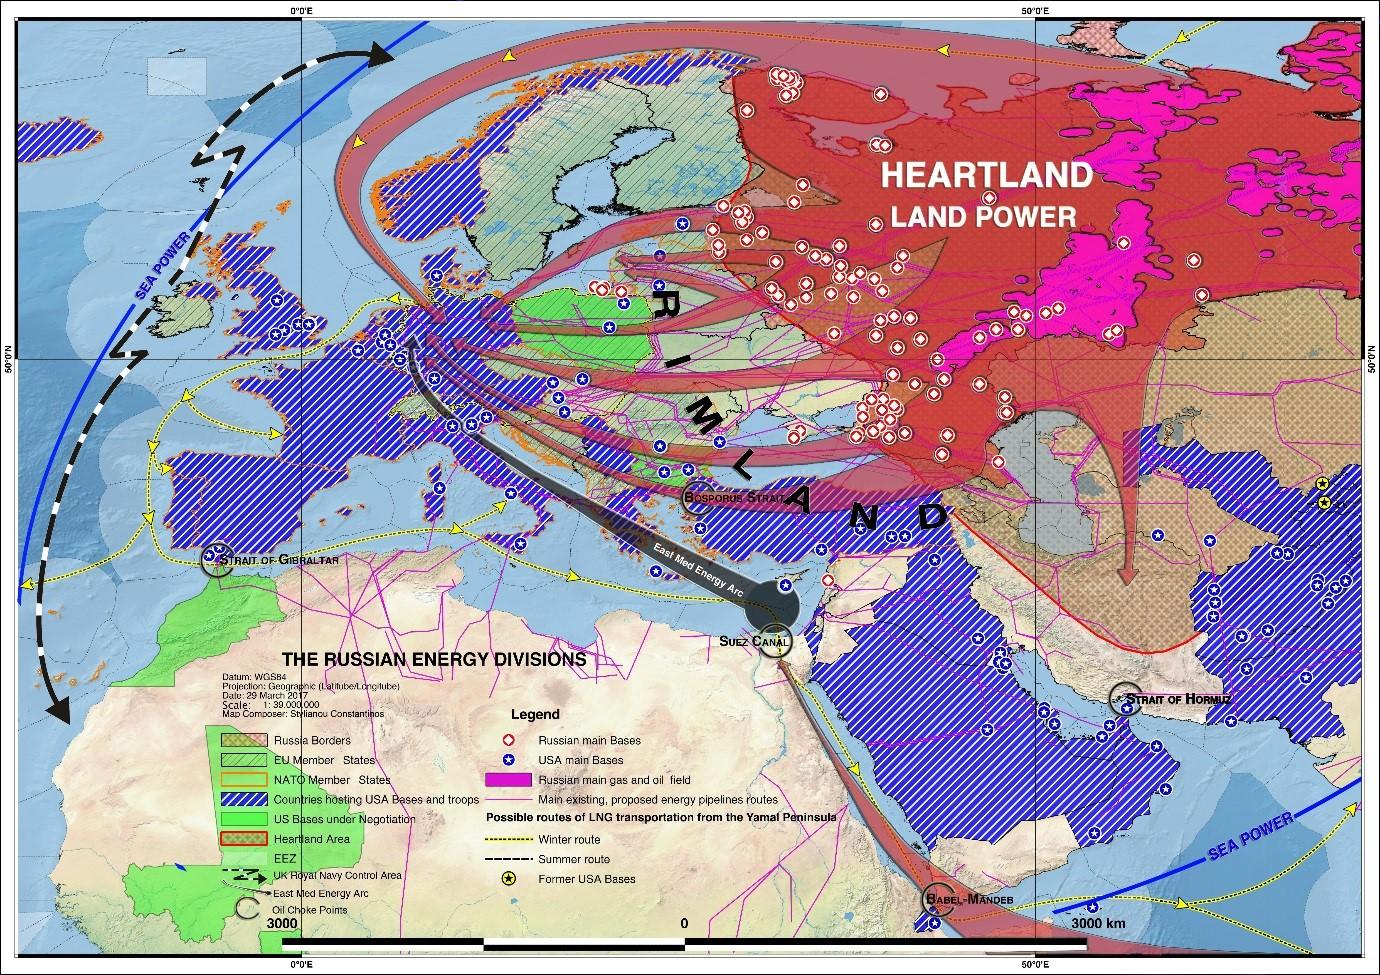 Γιάννος Χαραλαμπίδης, Βρυχηθμός ρωσικής αρκούδας… στην τουρκική γλώσσα